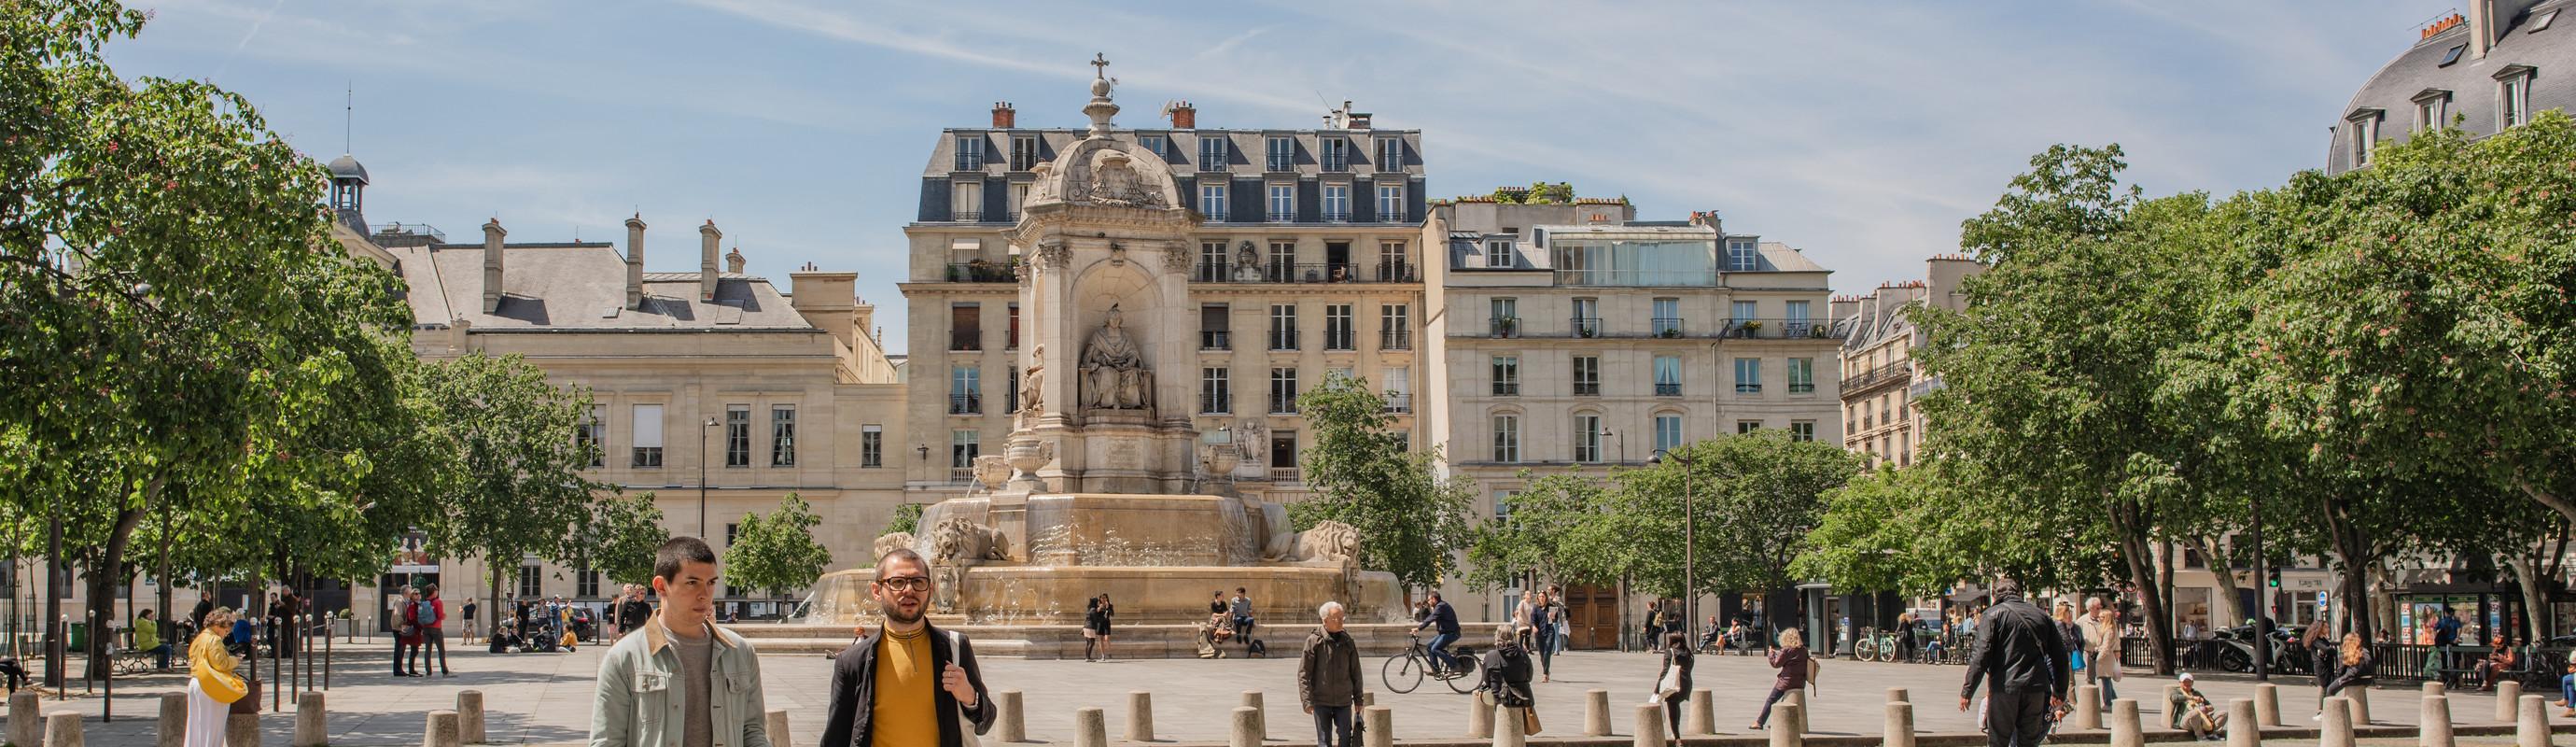 Paris Market Travels: Paris Day 1